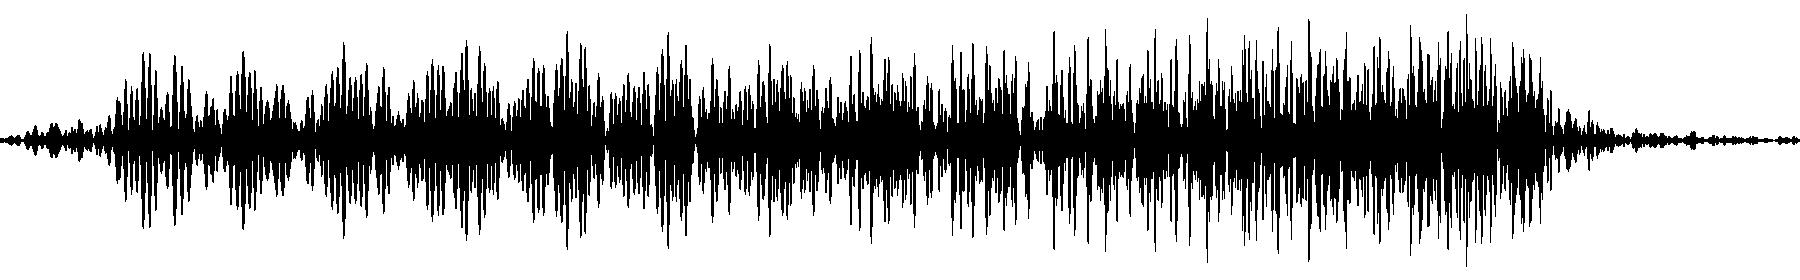 veh2 synths   052 c